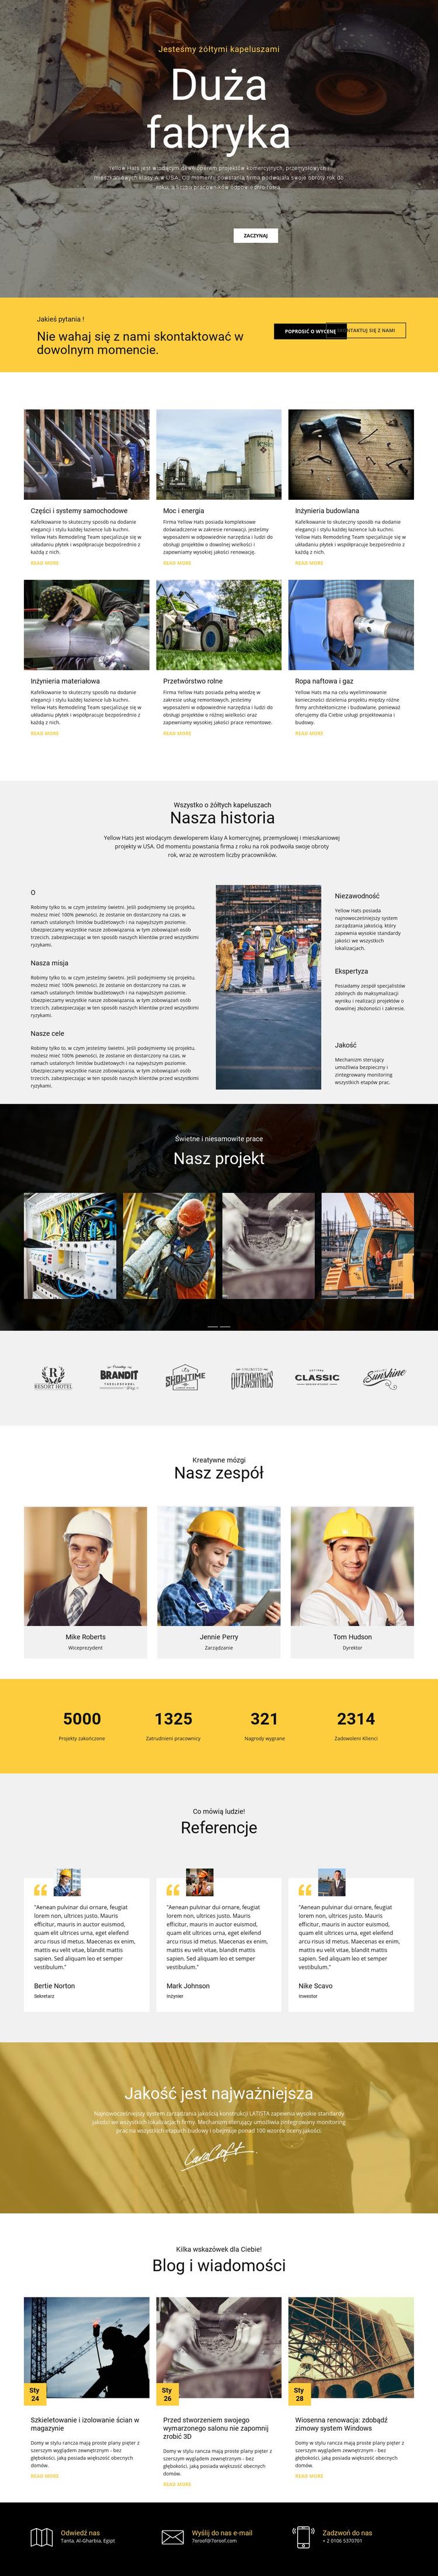 Fabryka działa w przemyśle Szablon witryny sieci Web